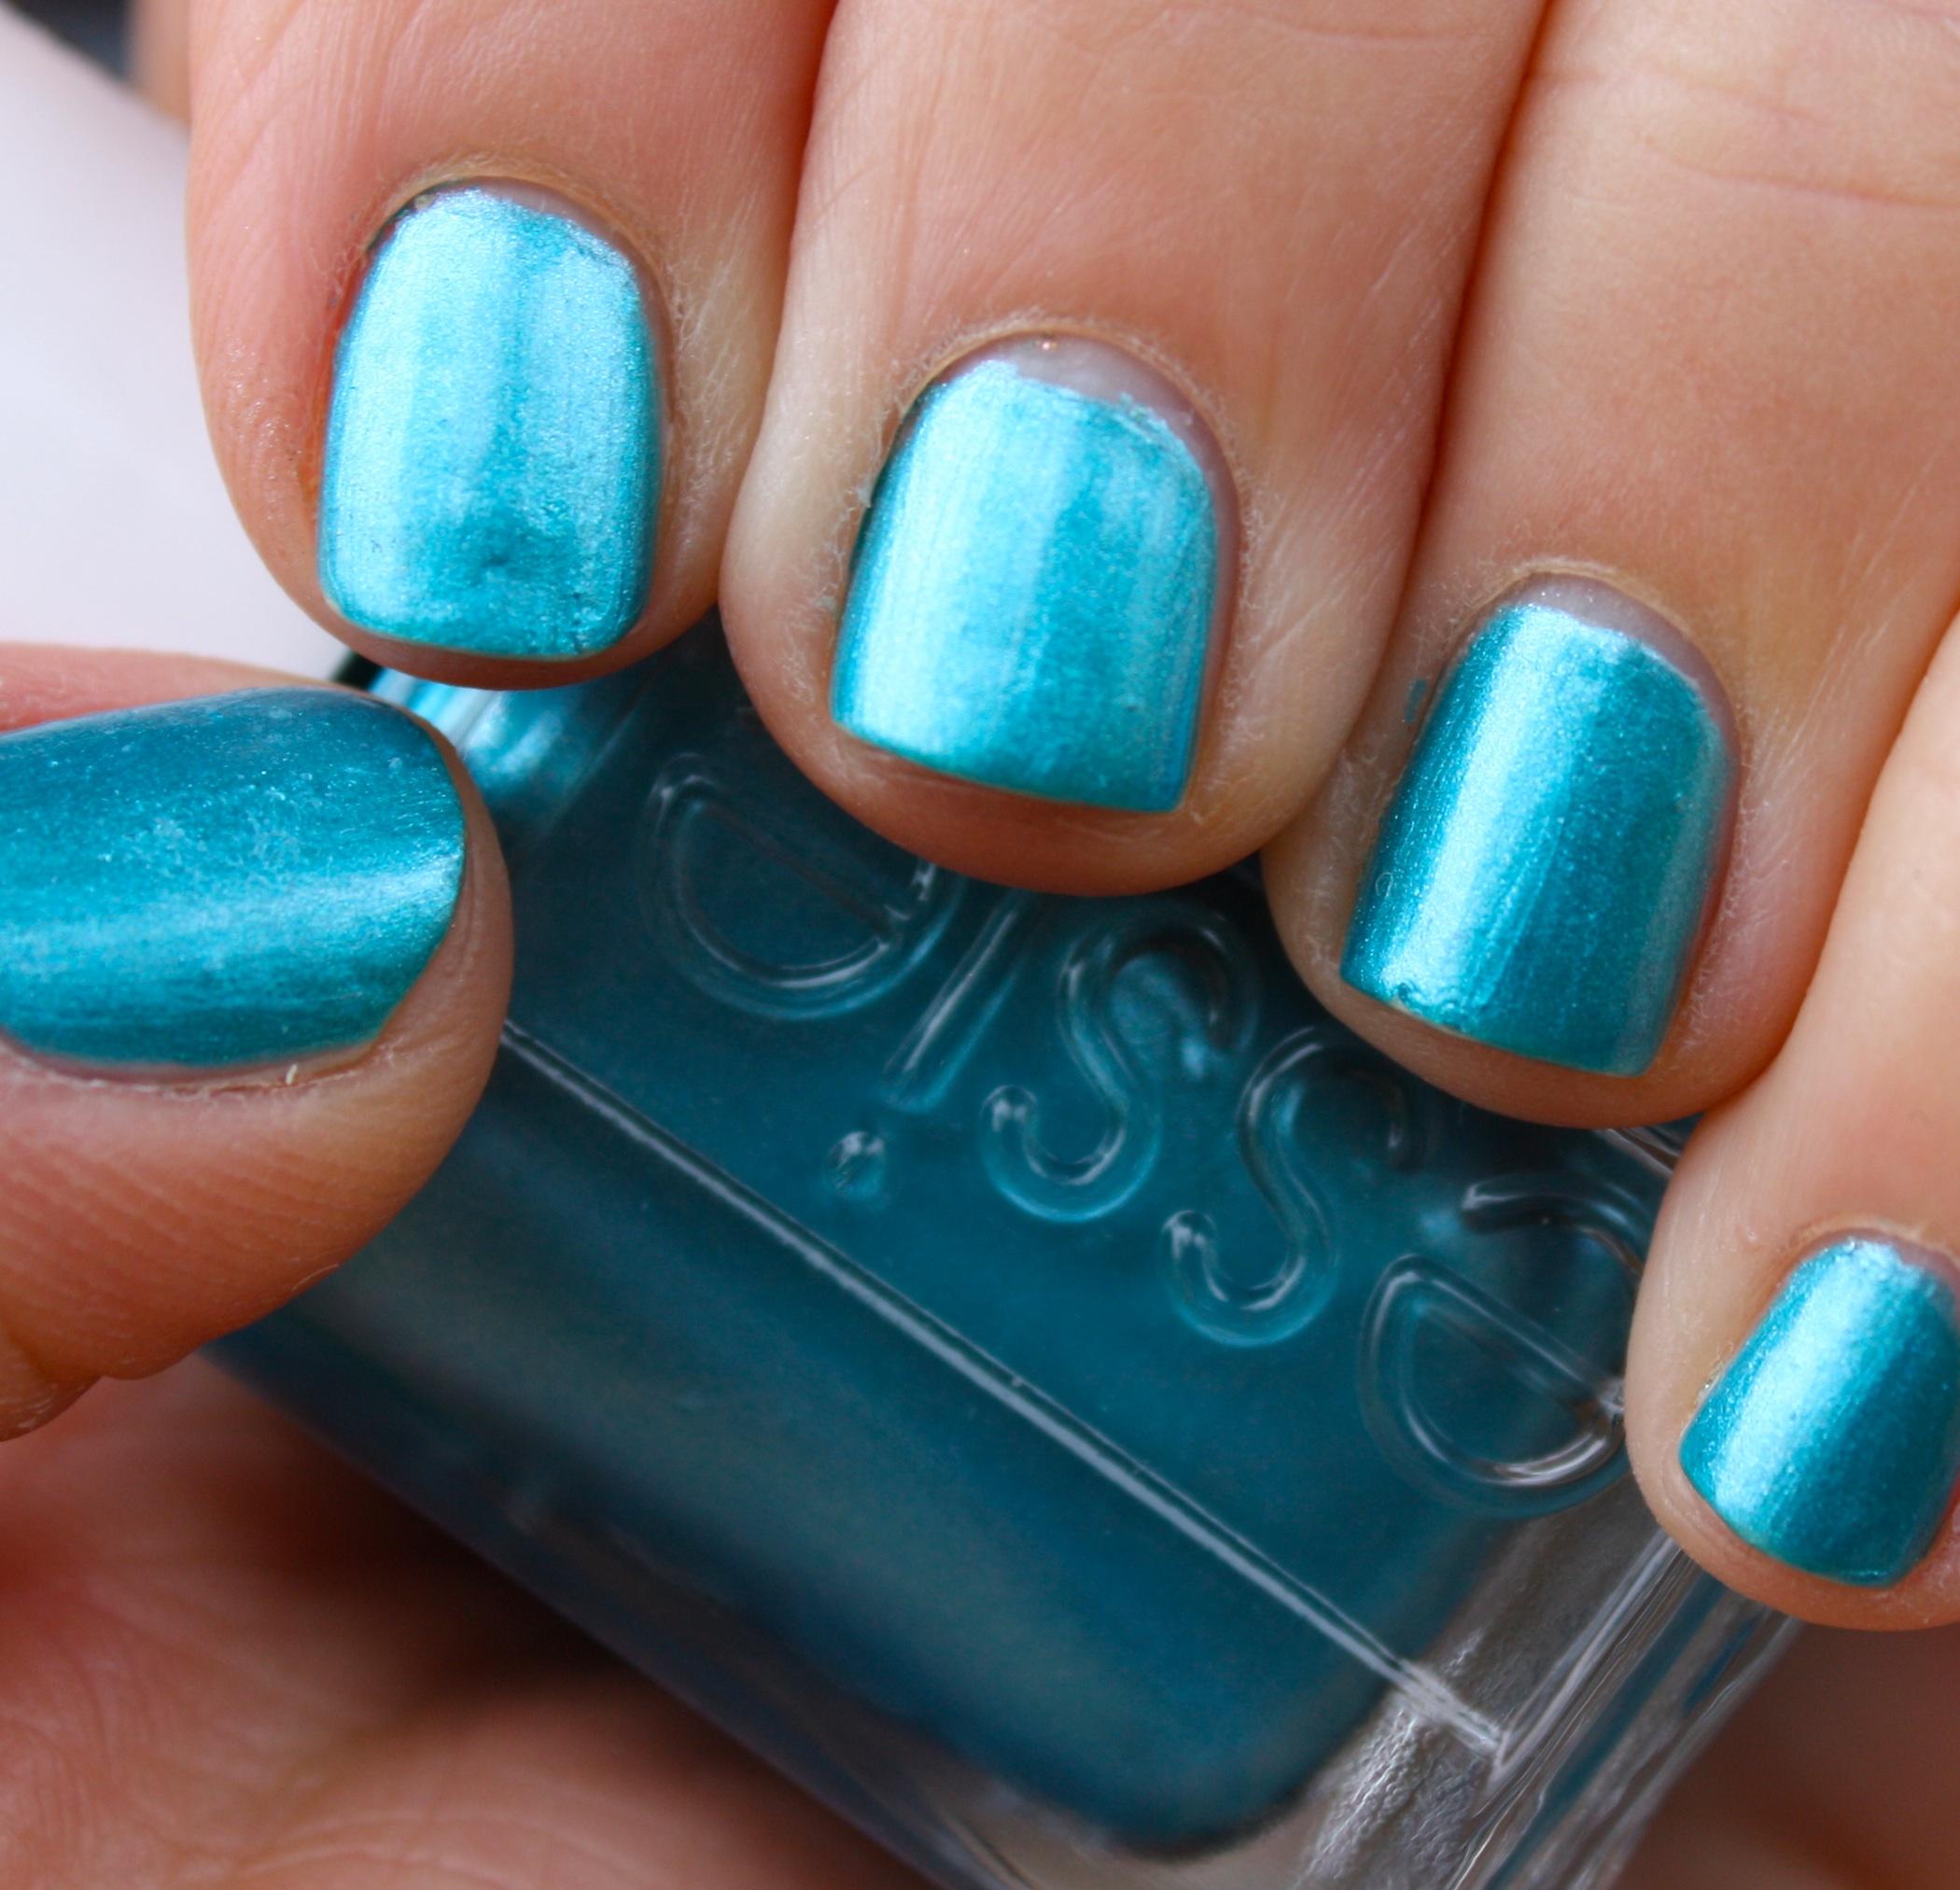 Essie Beach Bum Blu – horrendous color